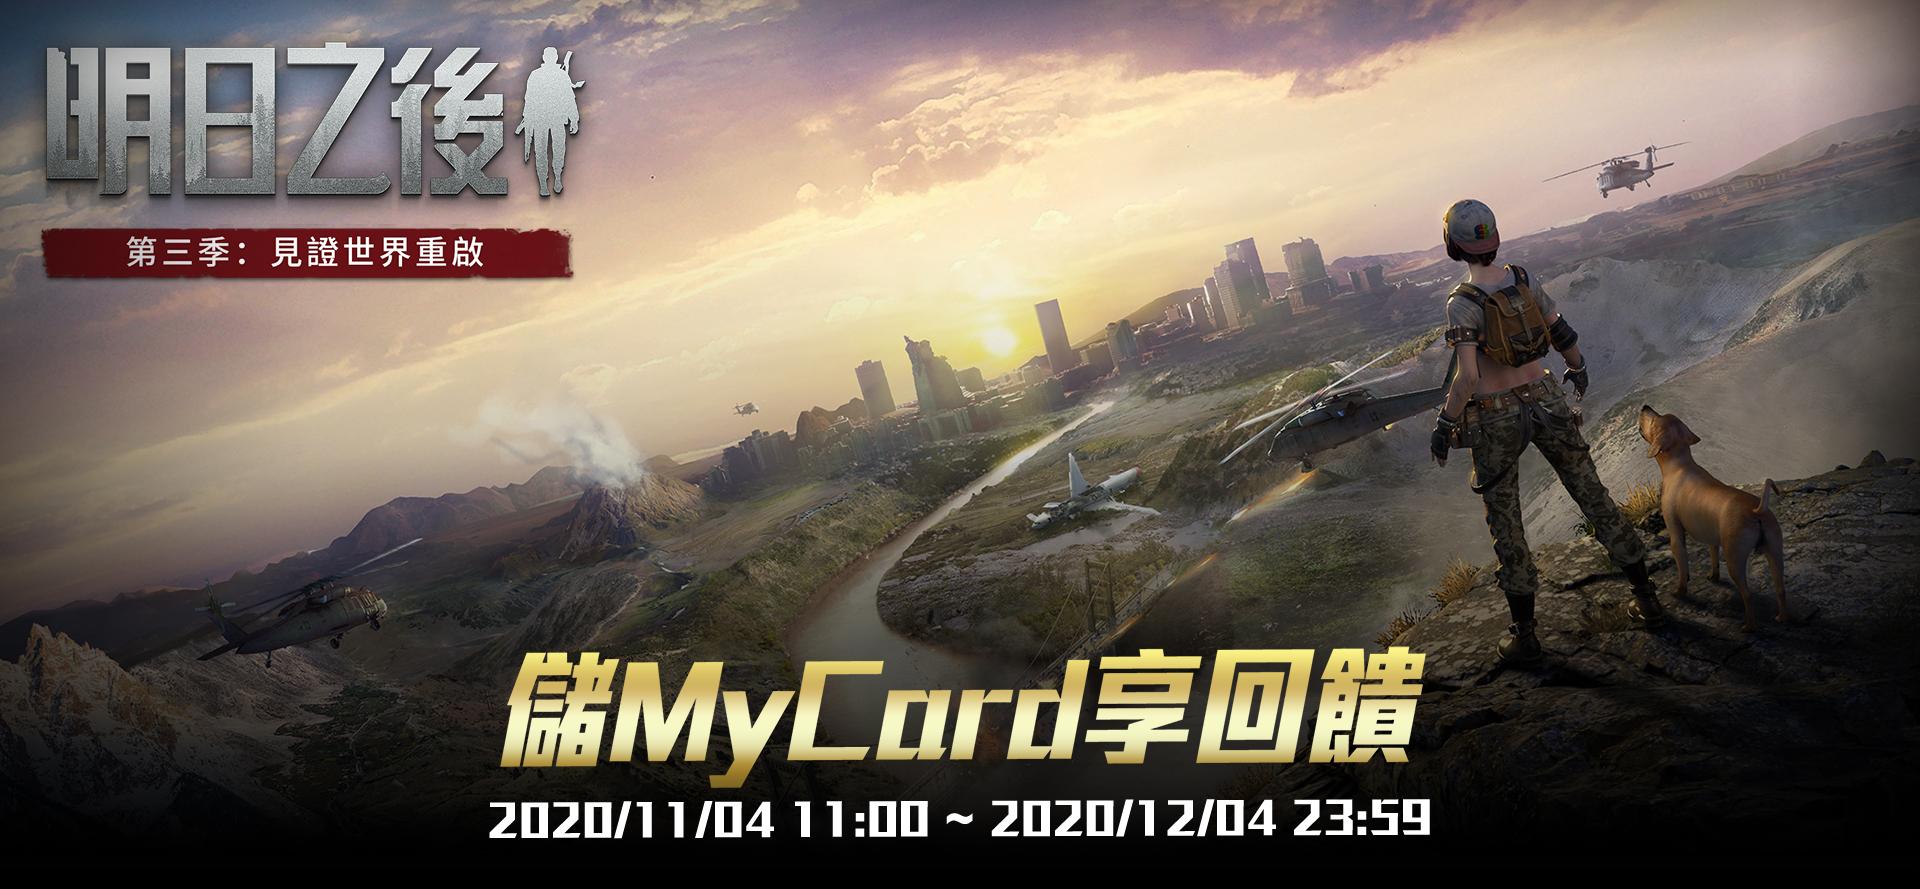 【明日之後】第三季改版_MyCard儲值送好禮